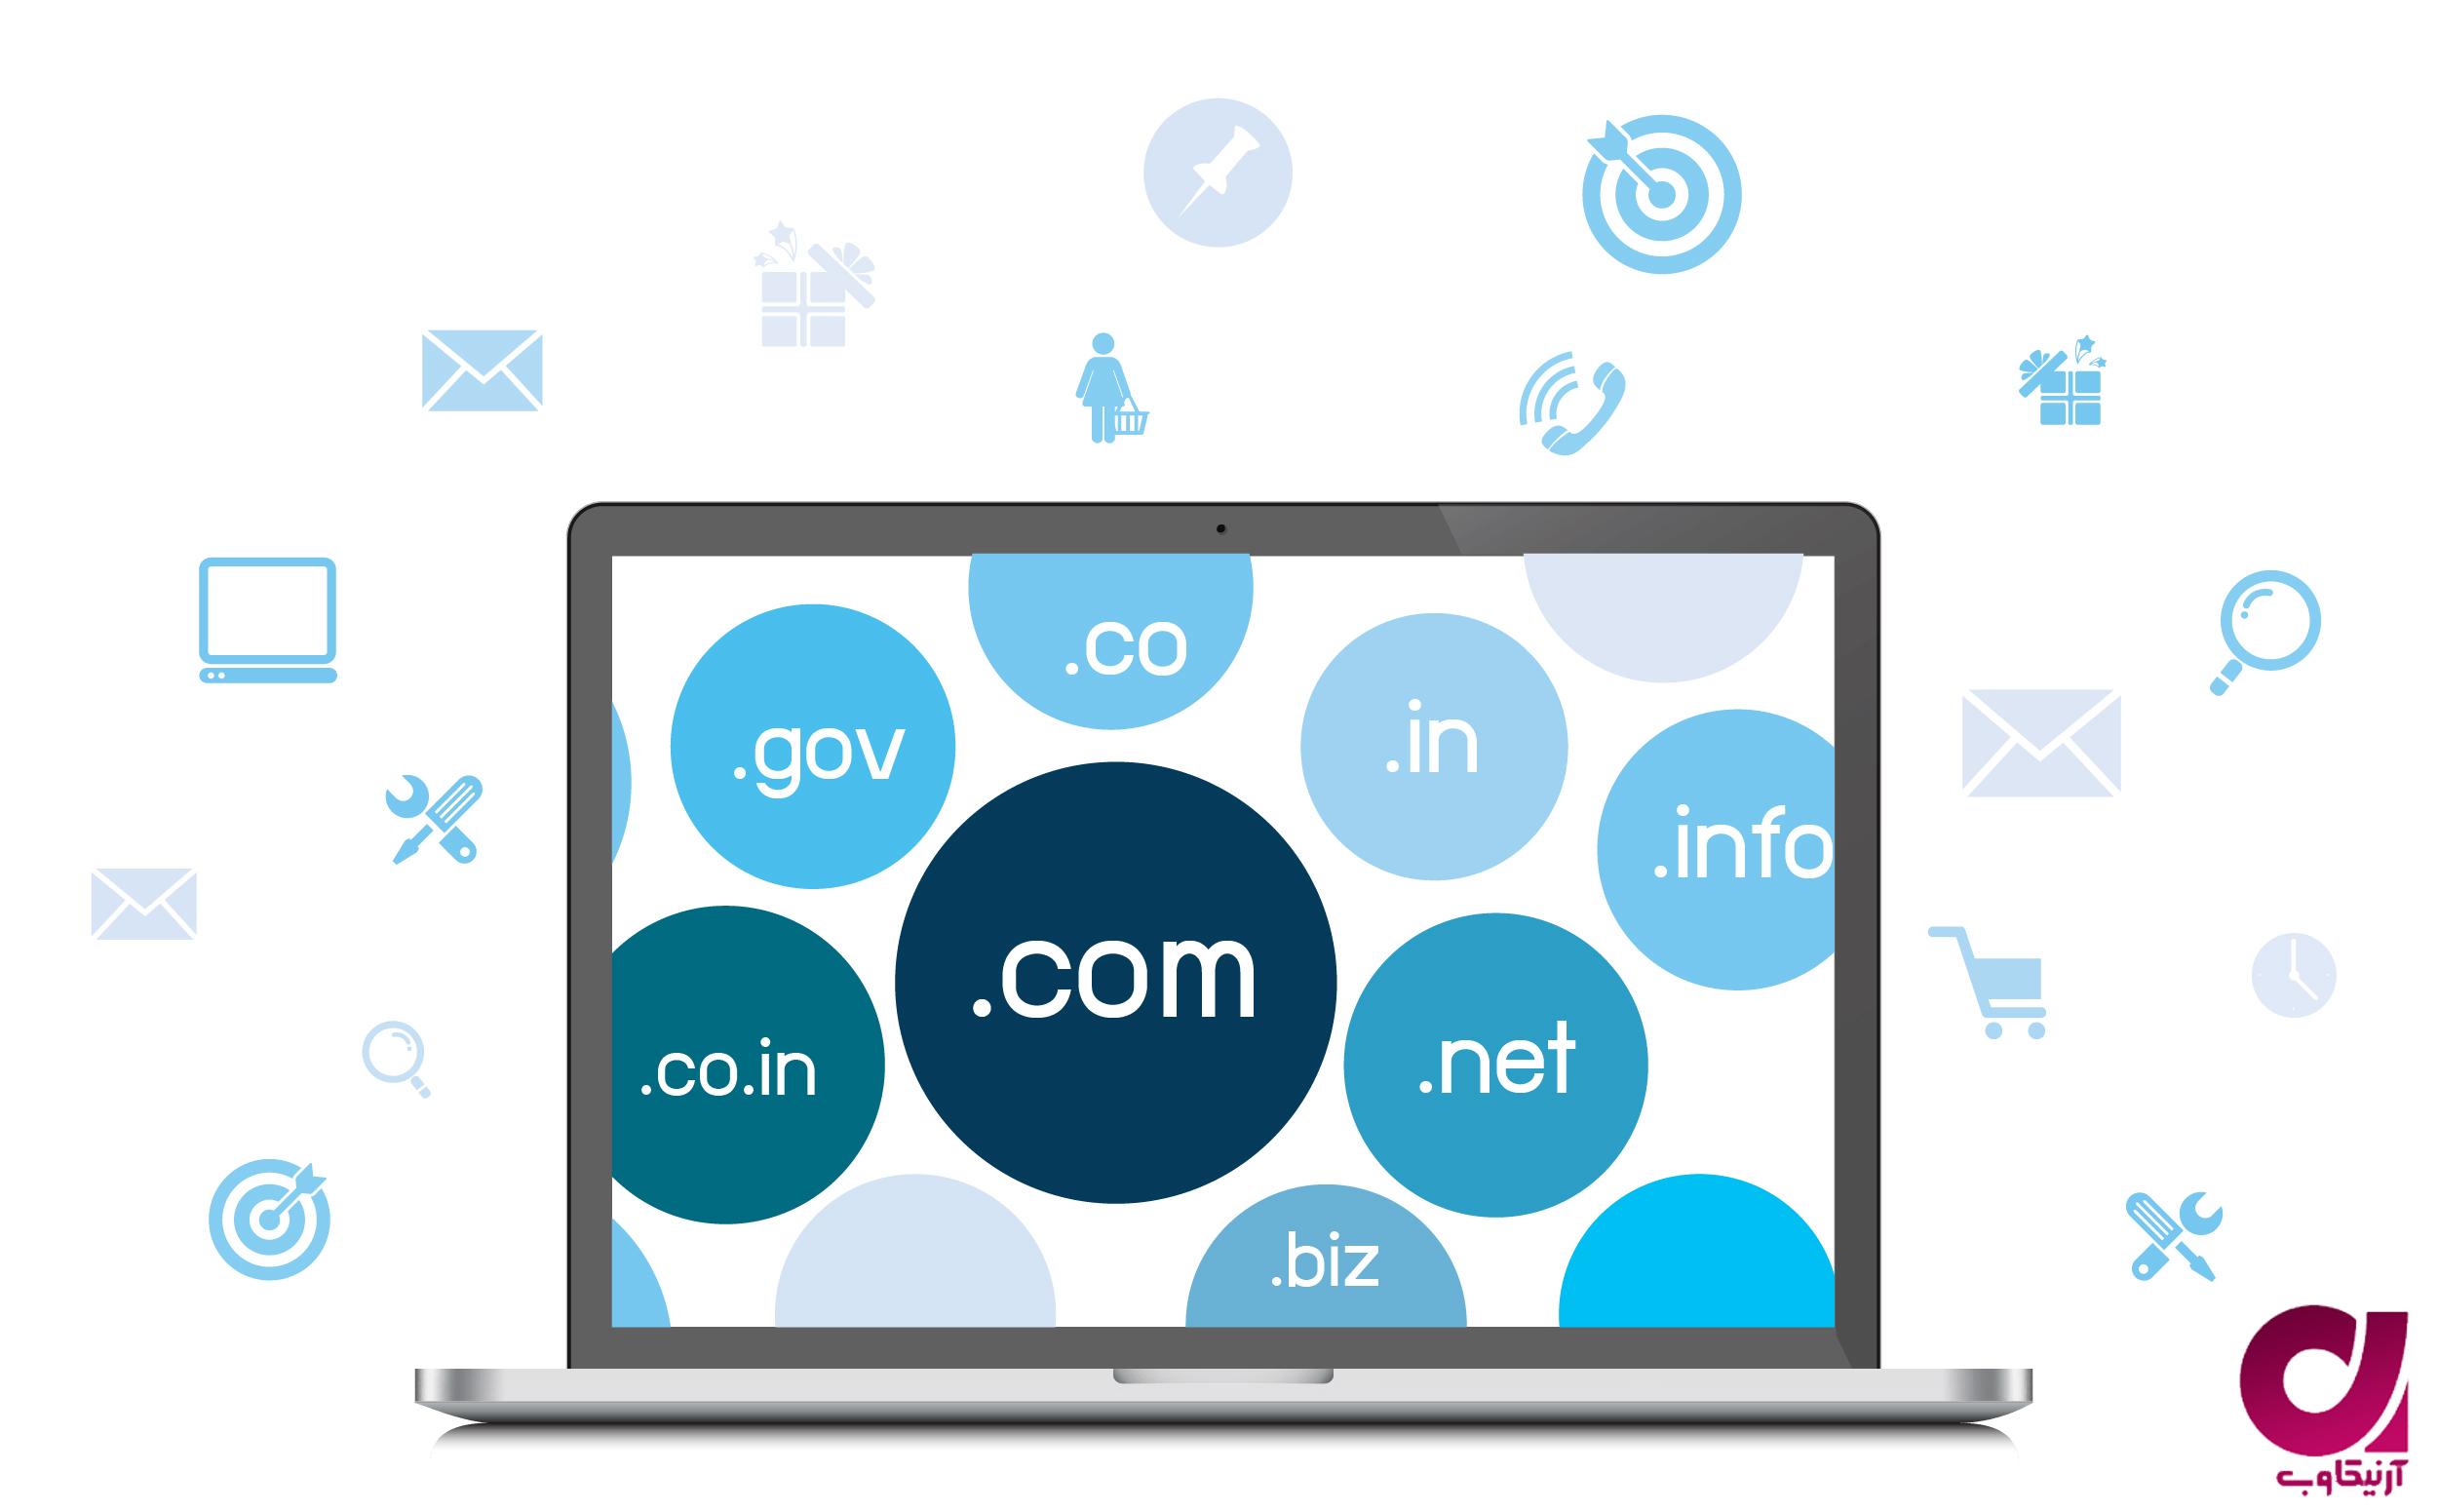 انواع دامنه برای ساخت وب سایت